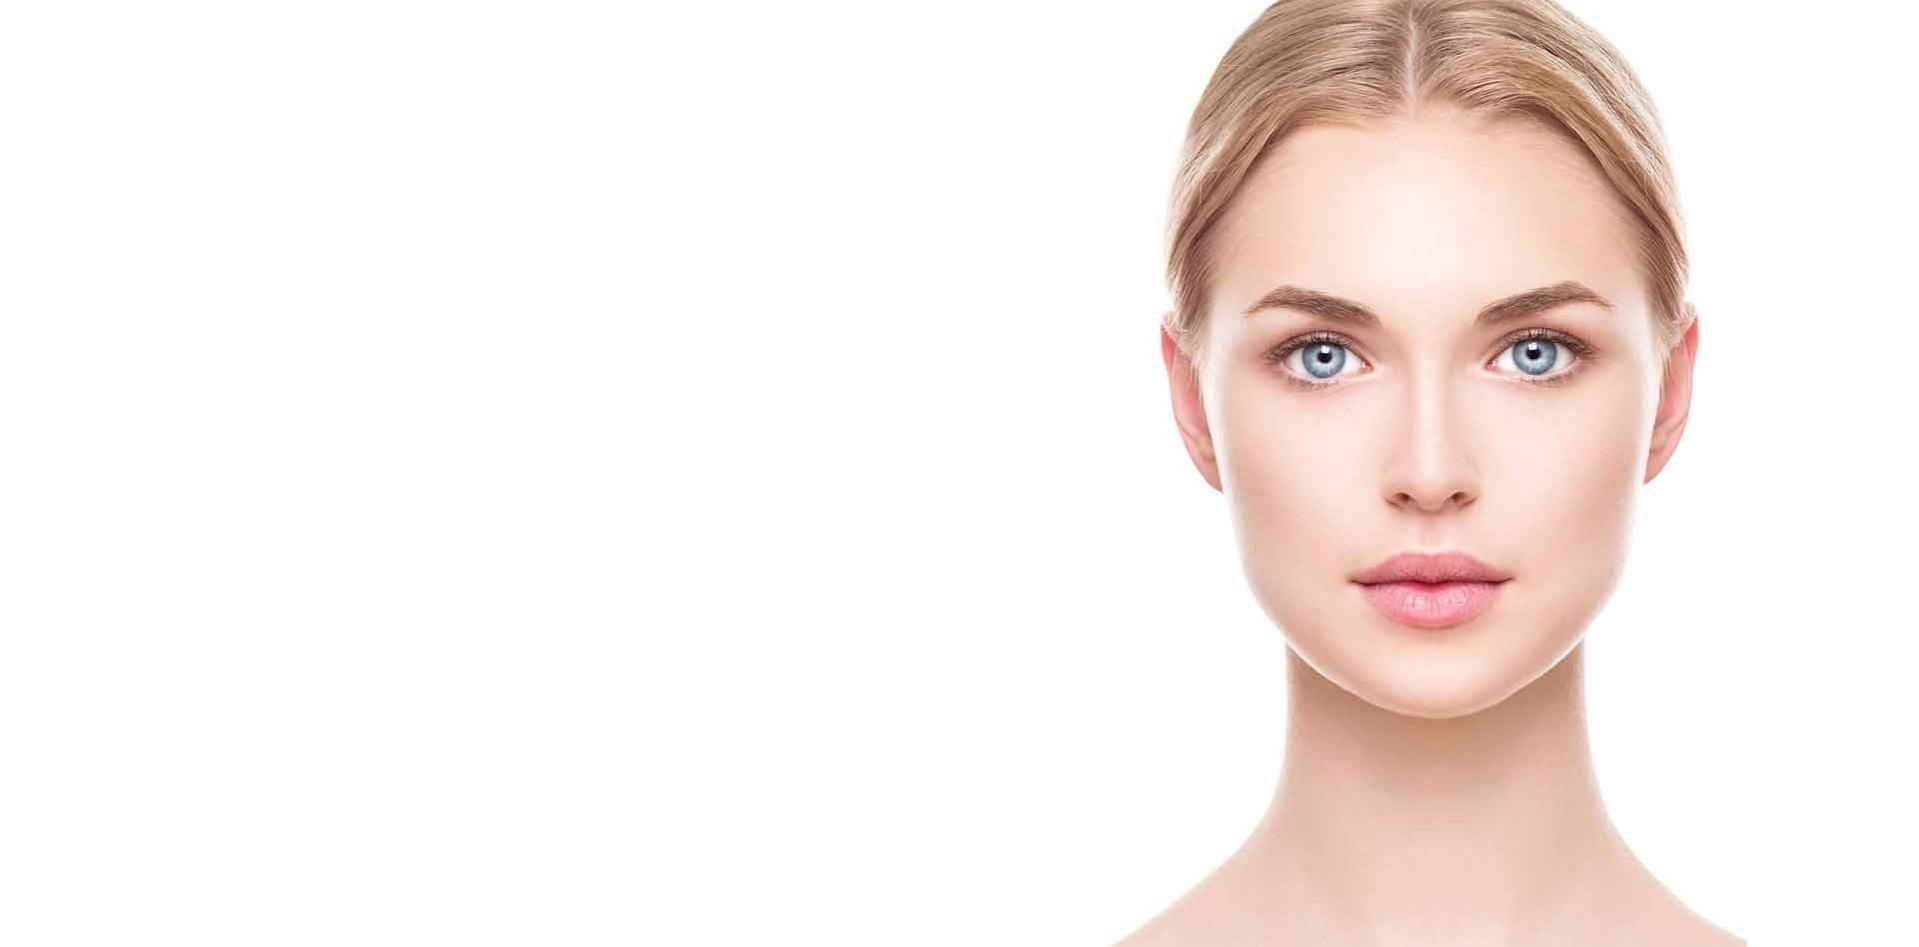 Bőrproblémáid vannak?   Egyedi, prémium kezeléseink segítenek